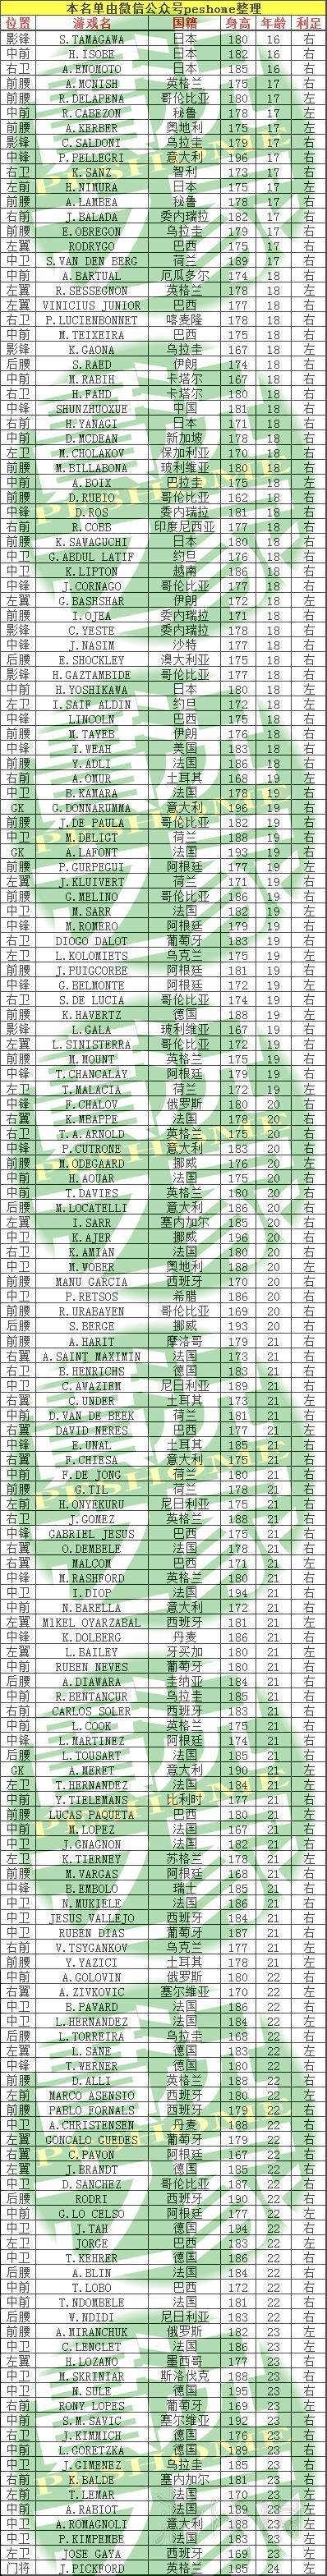 《实况足球2019》妖人名单大全 pes2019妖人有哪些?